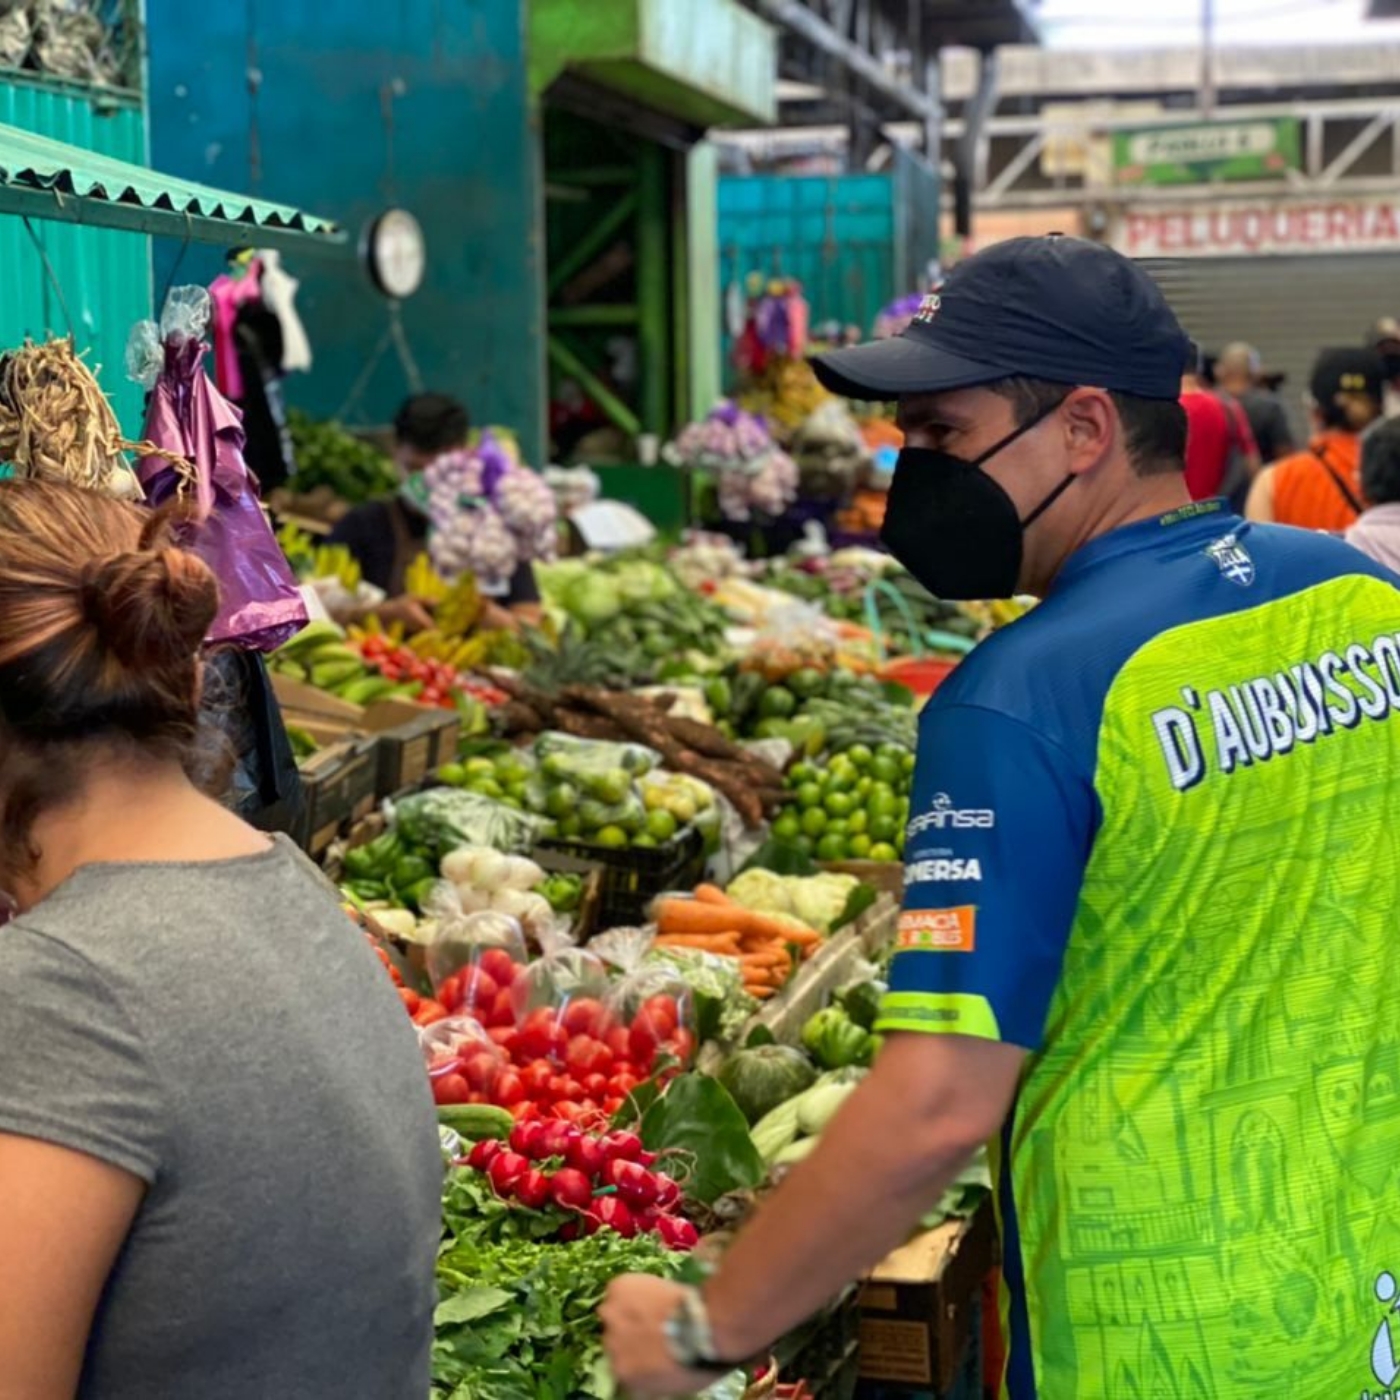 Los Negocios Y El Control De Los Mercados En Santa Tecla. Mercado. Fotografía. Roberto d'Aubuisson. 2020